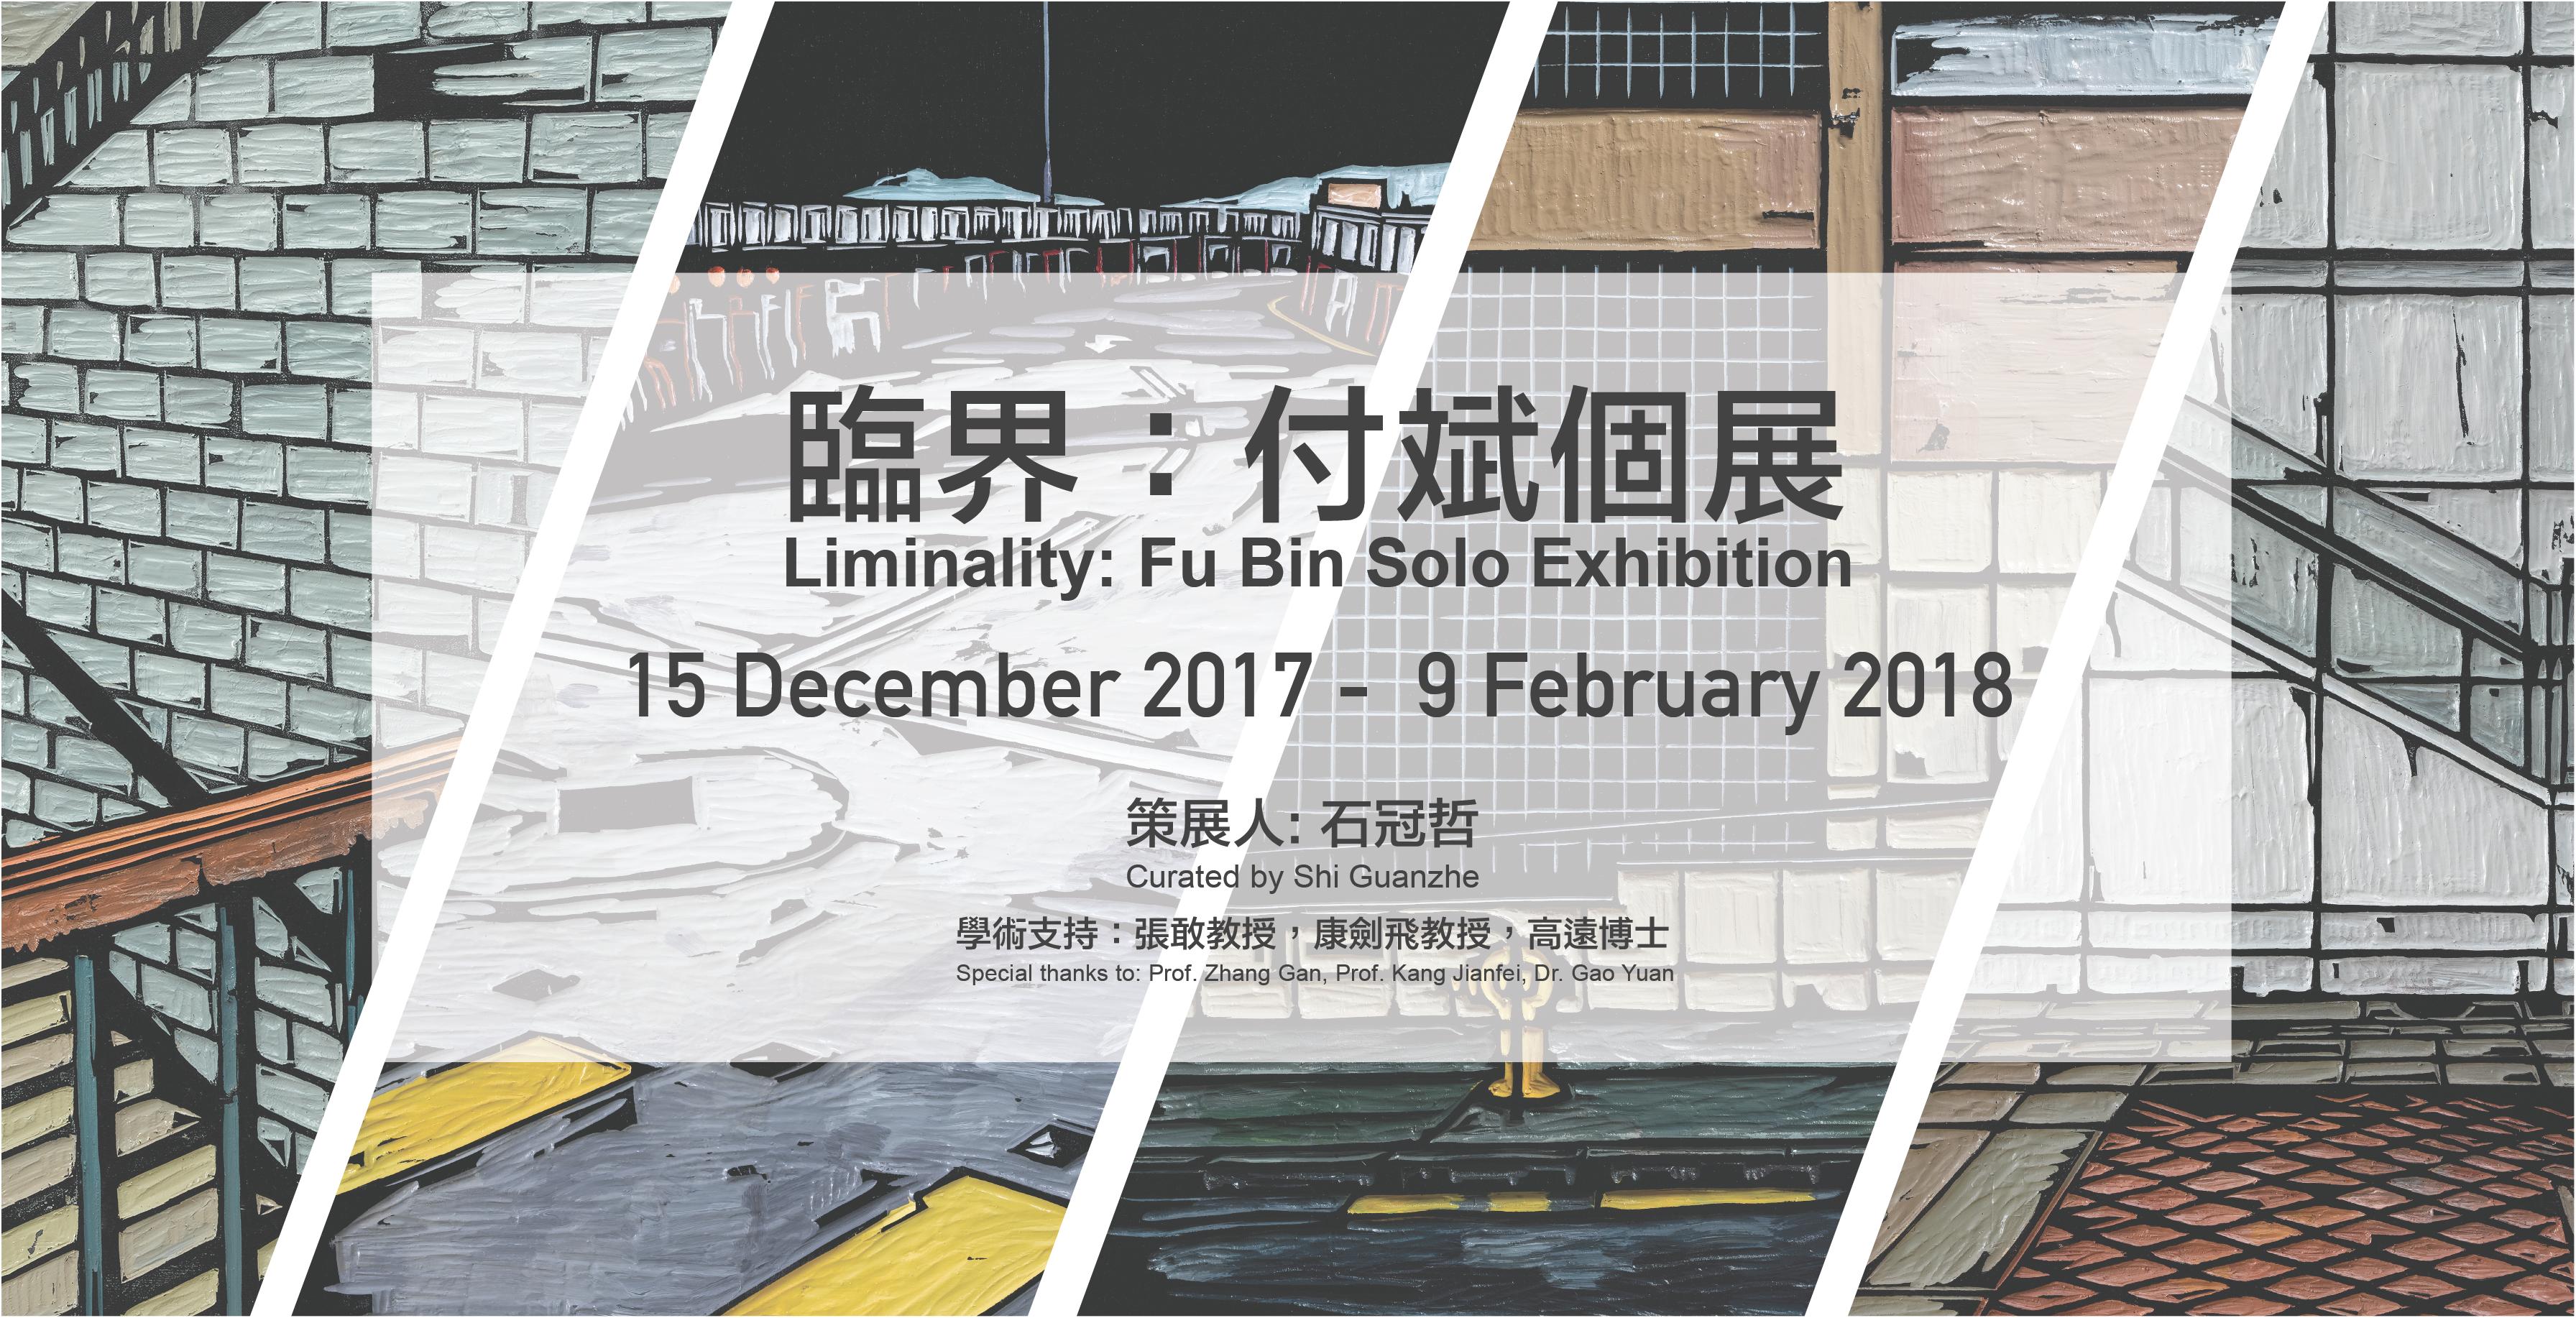 Fu Bin Solo Exhibition